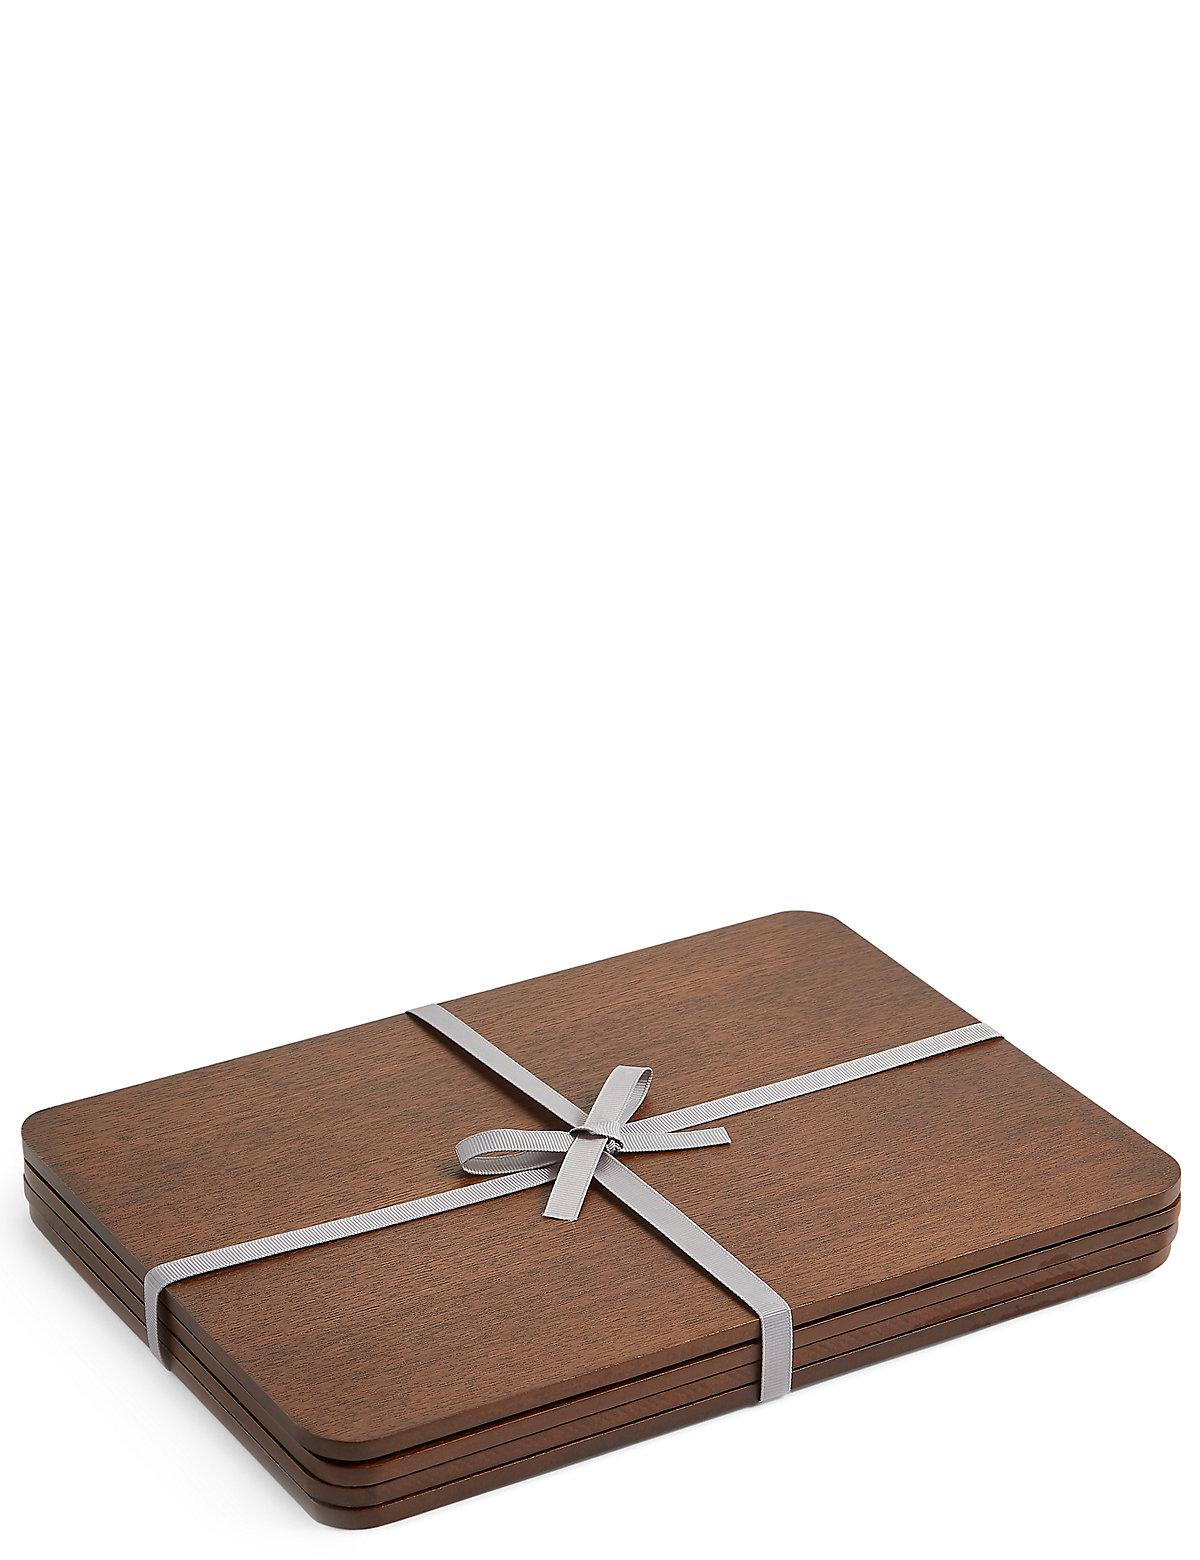 4 Pack Wood Veneer Placemat